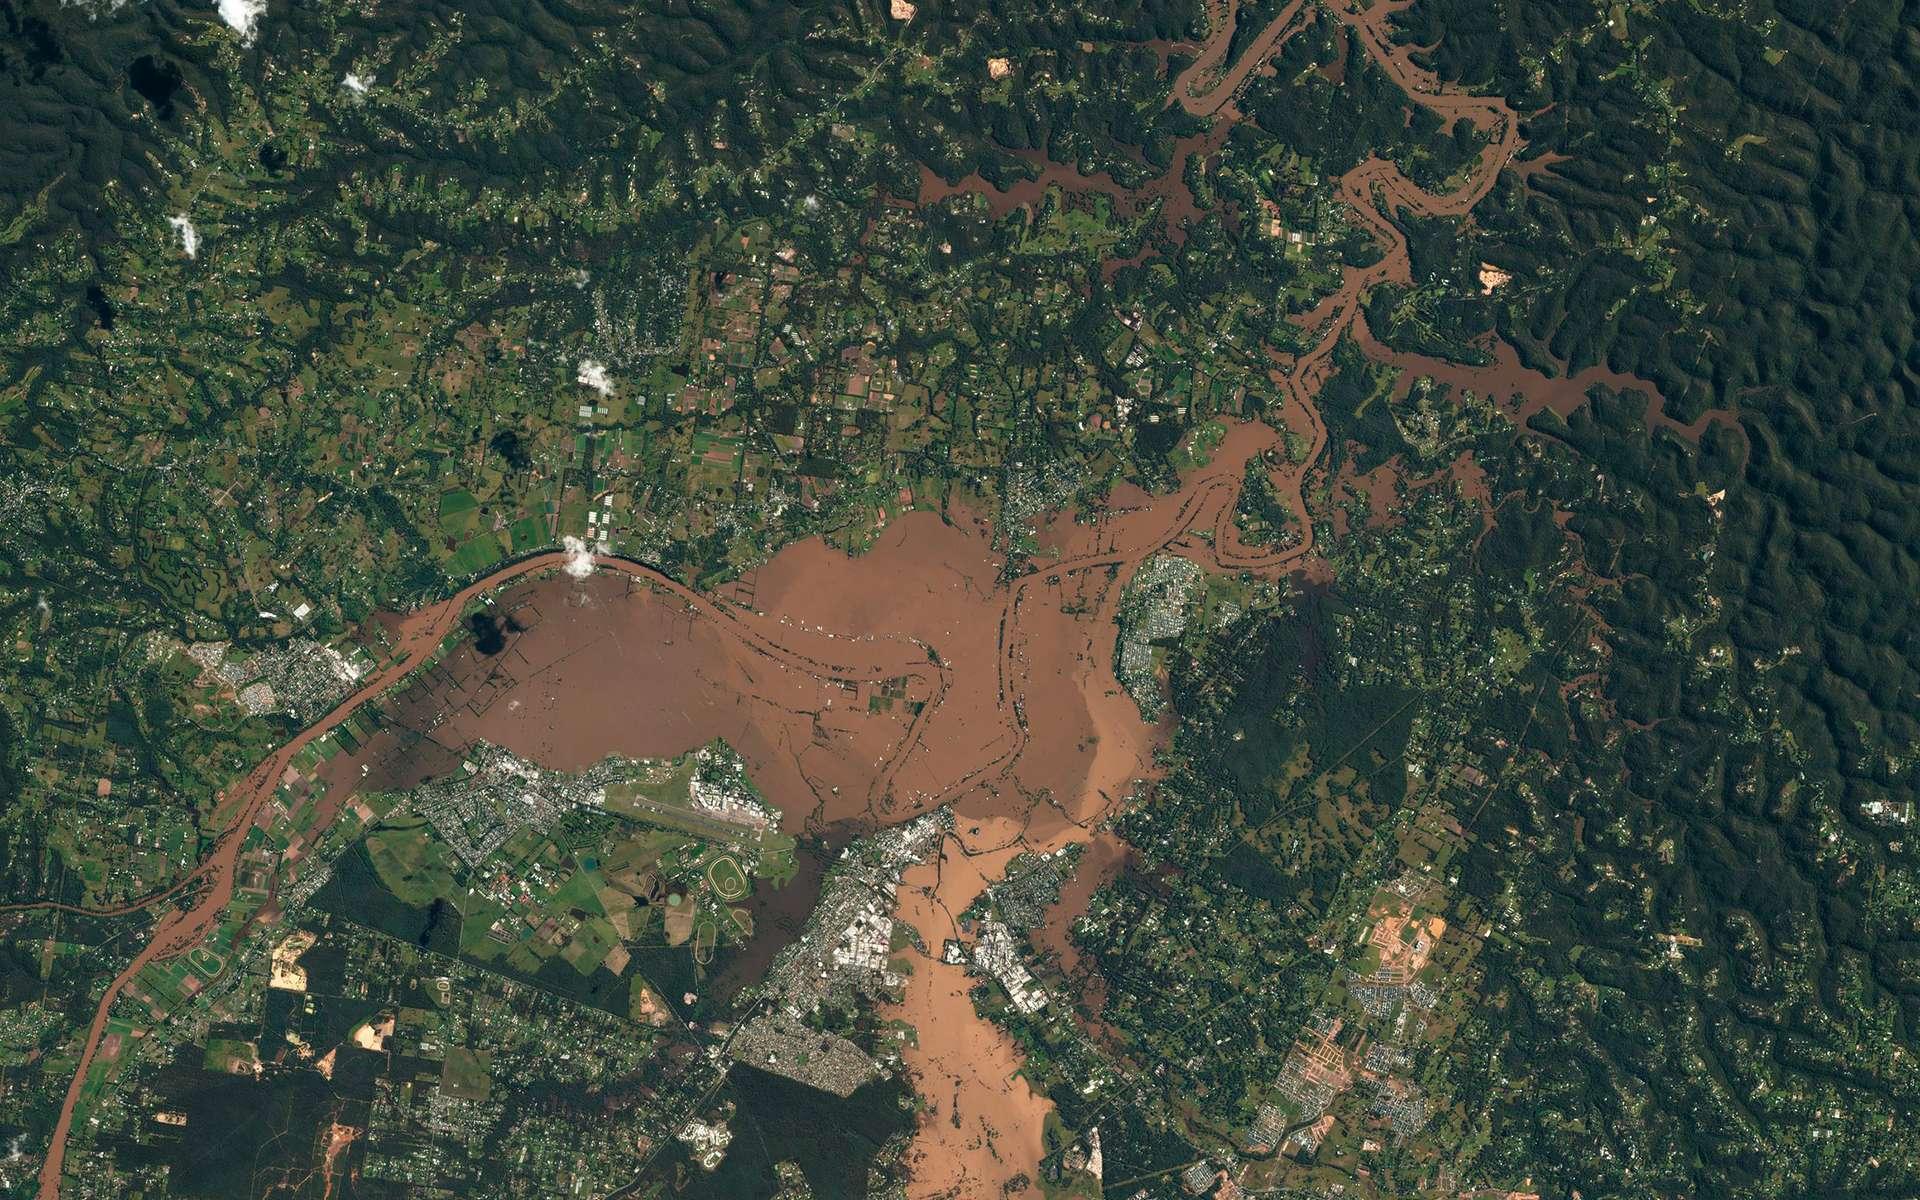 Inondations catastrophiques en Australie, dans la ville de Windsor, située au nord-ouest de Sydney (mars 2021). © 2021 Planet Labs, Inc